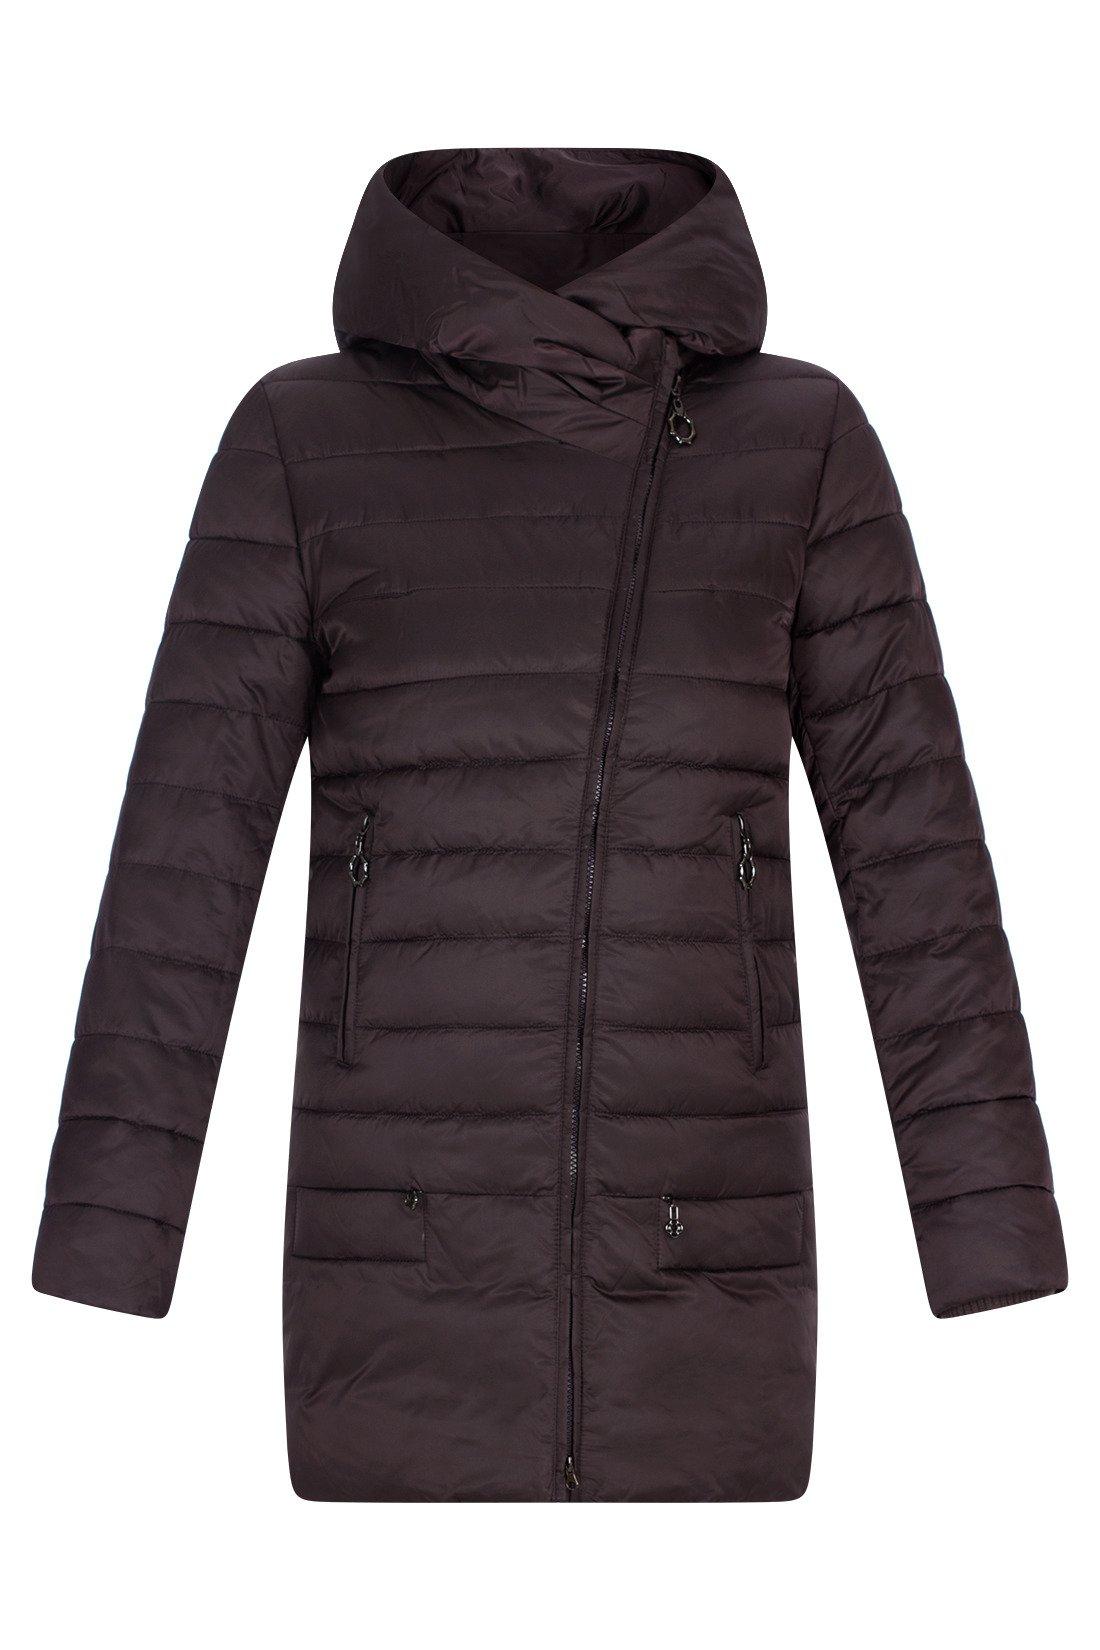 57b0323ffe51 Pikowany płaszcz damski Plist PT9918 śliwkowy z kapturem na zimę ...